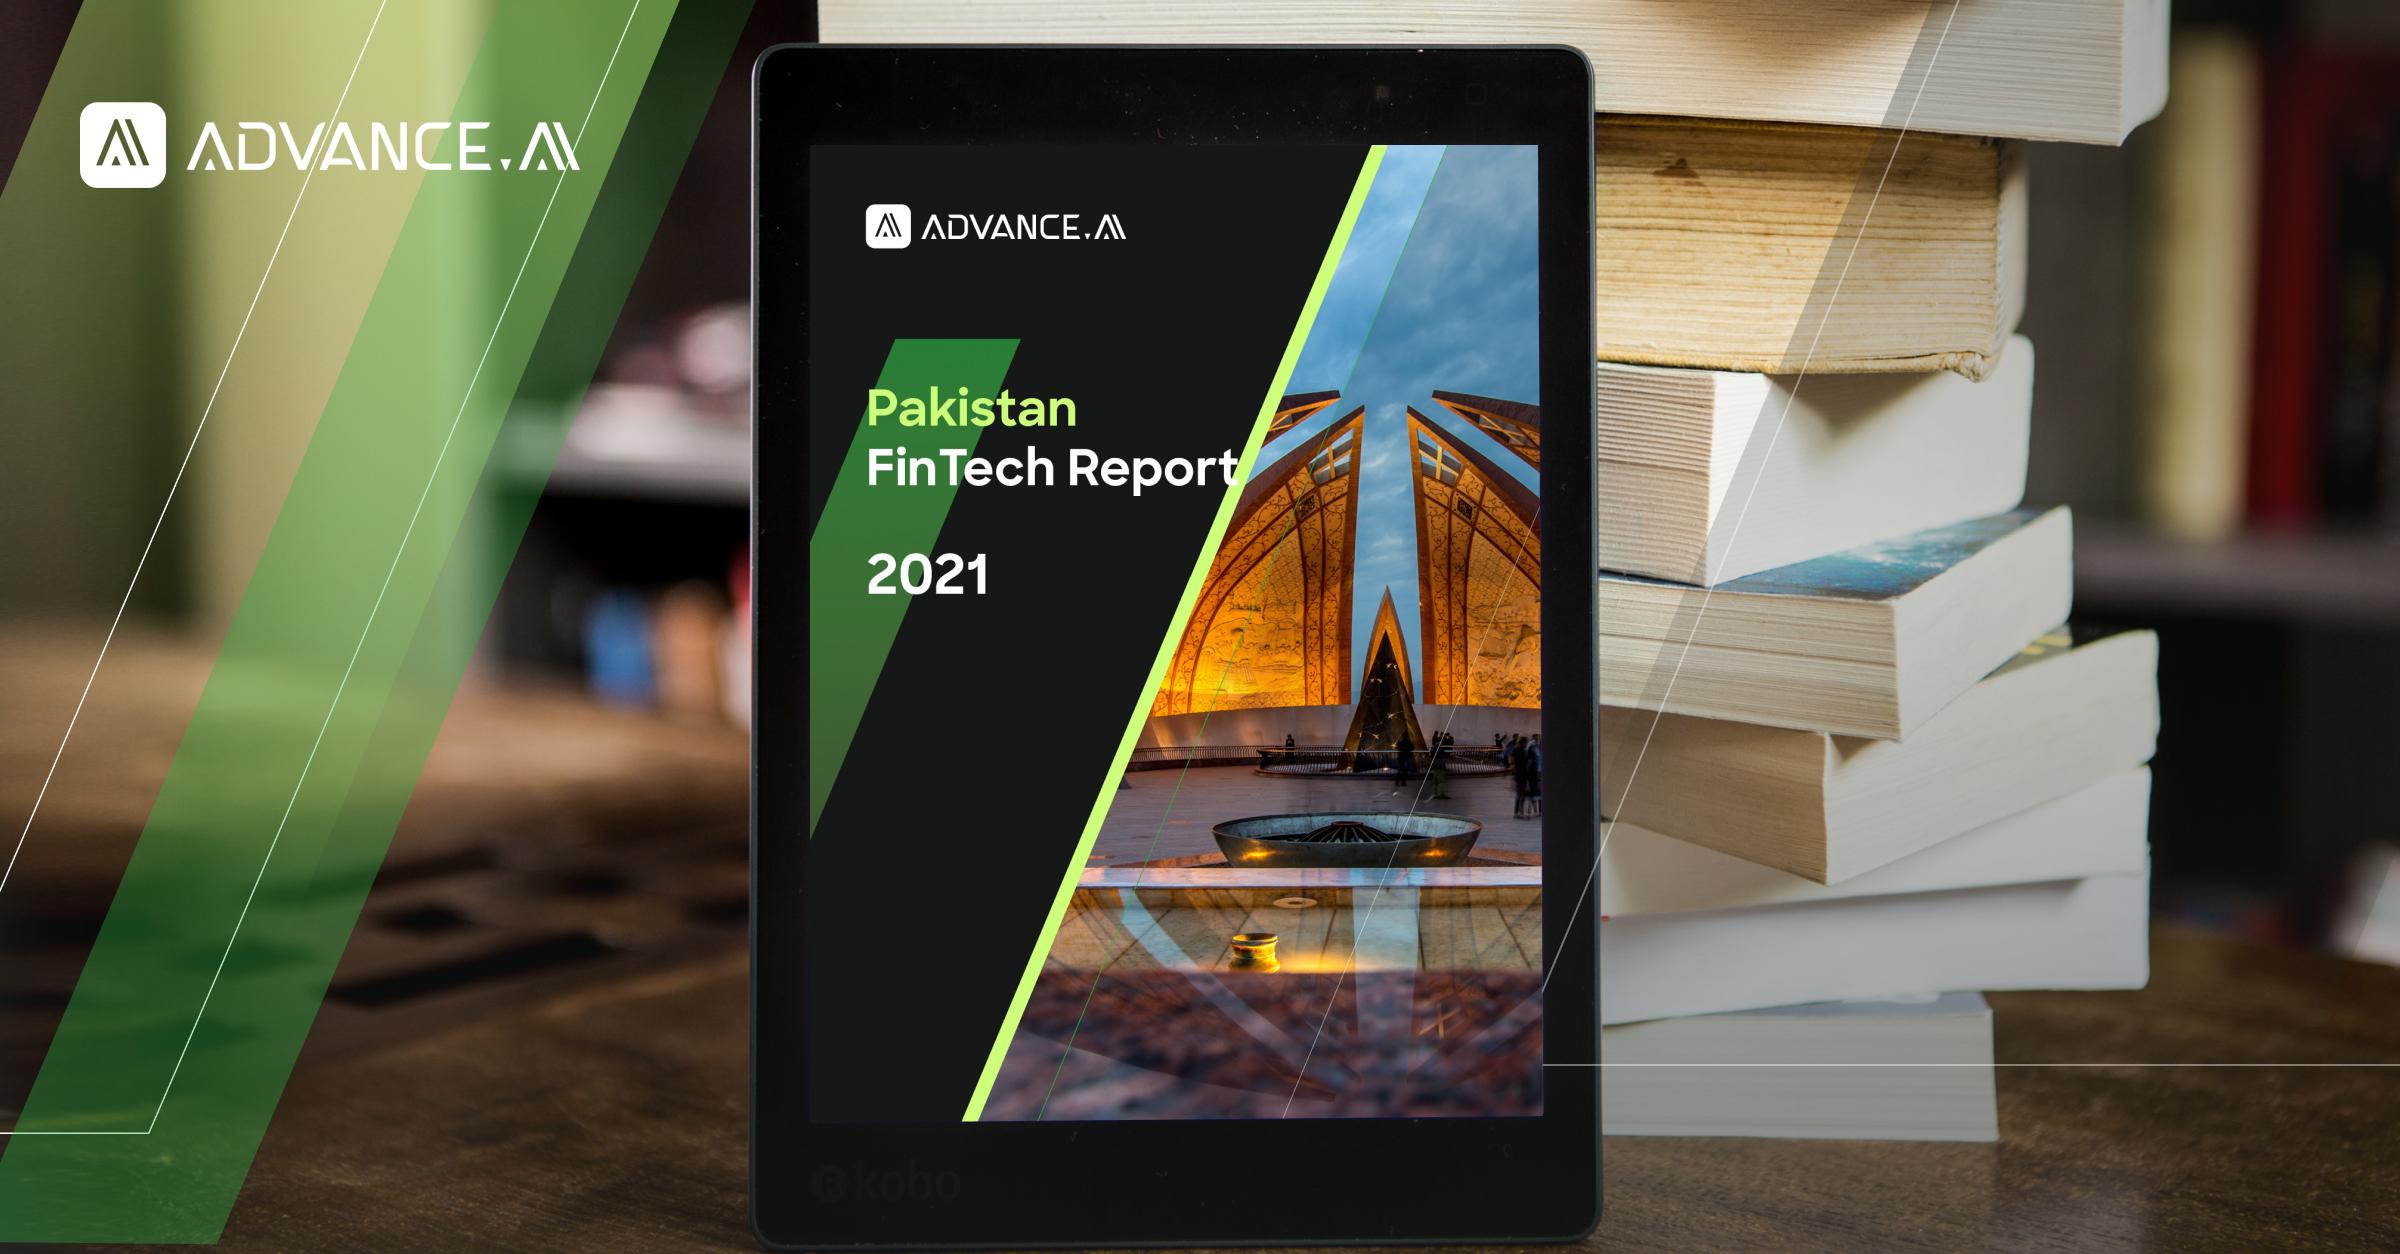 巴基斯坦金融科技报告(EN)2